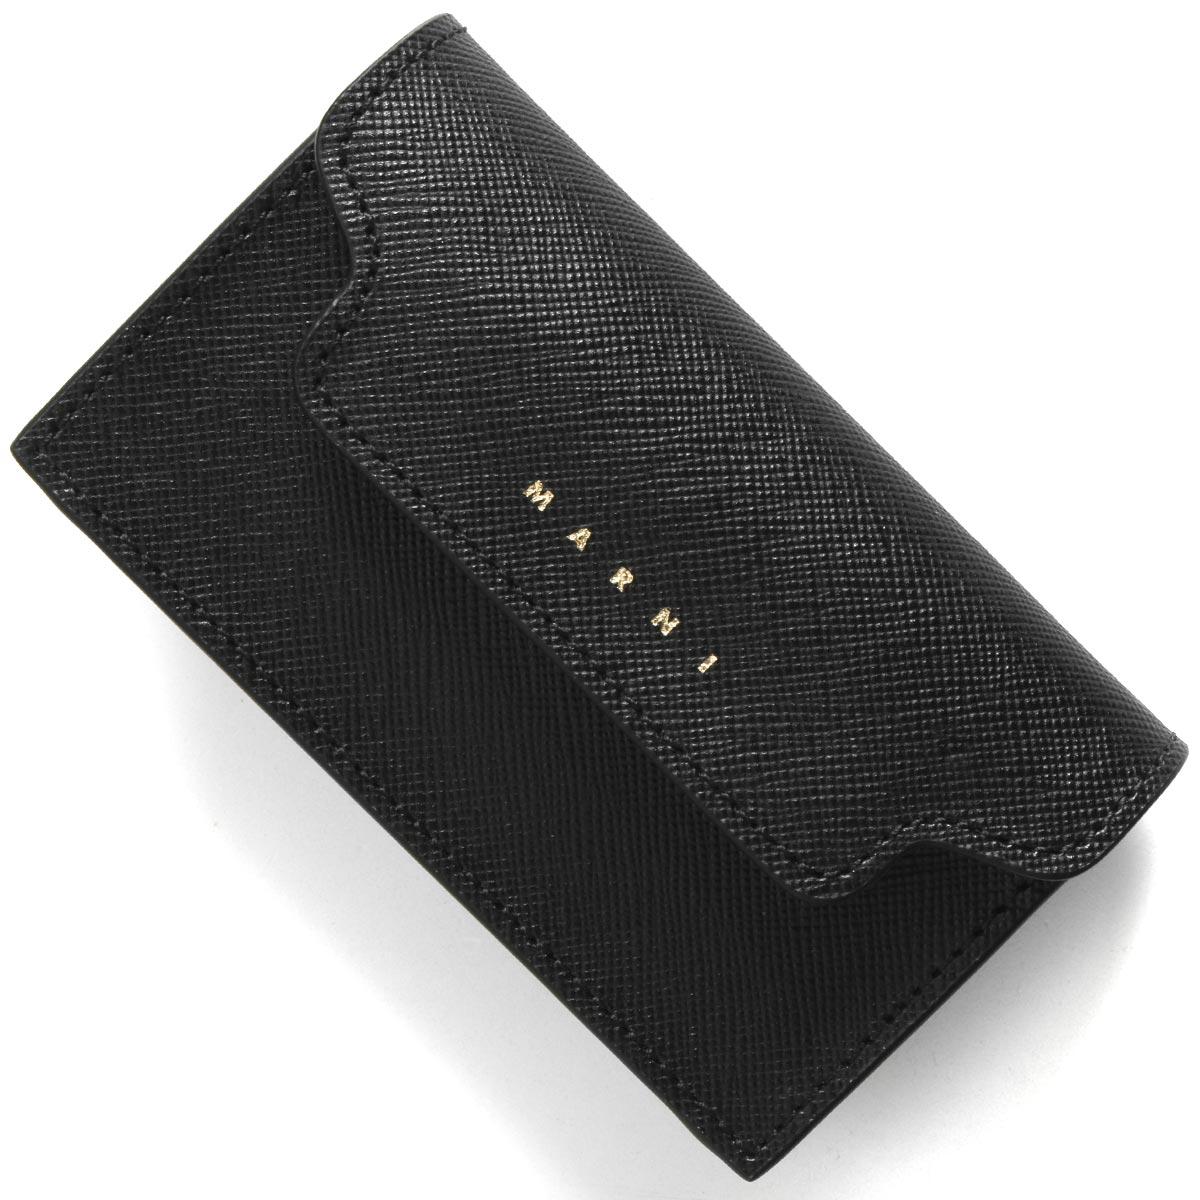 全国送料無料 マルニ 評価 カードケース 名刺入れ レディース Z360N MARNI PFMOT05U07 引出物 LV520 ブラックデューンベージュ